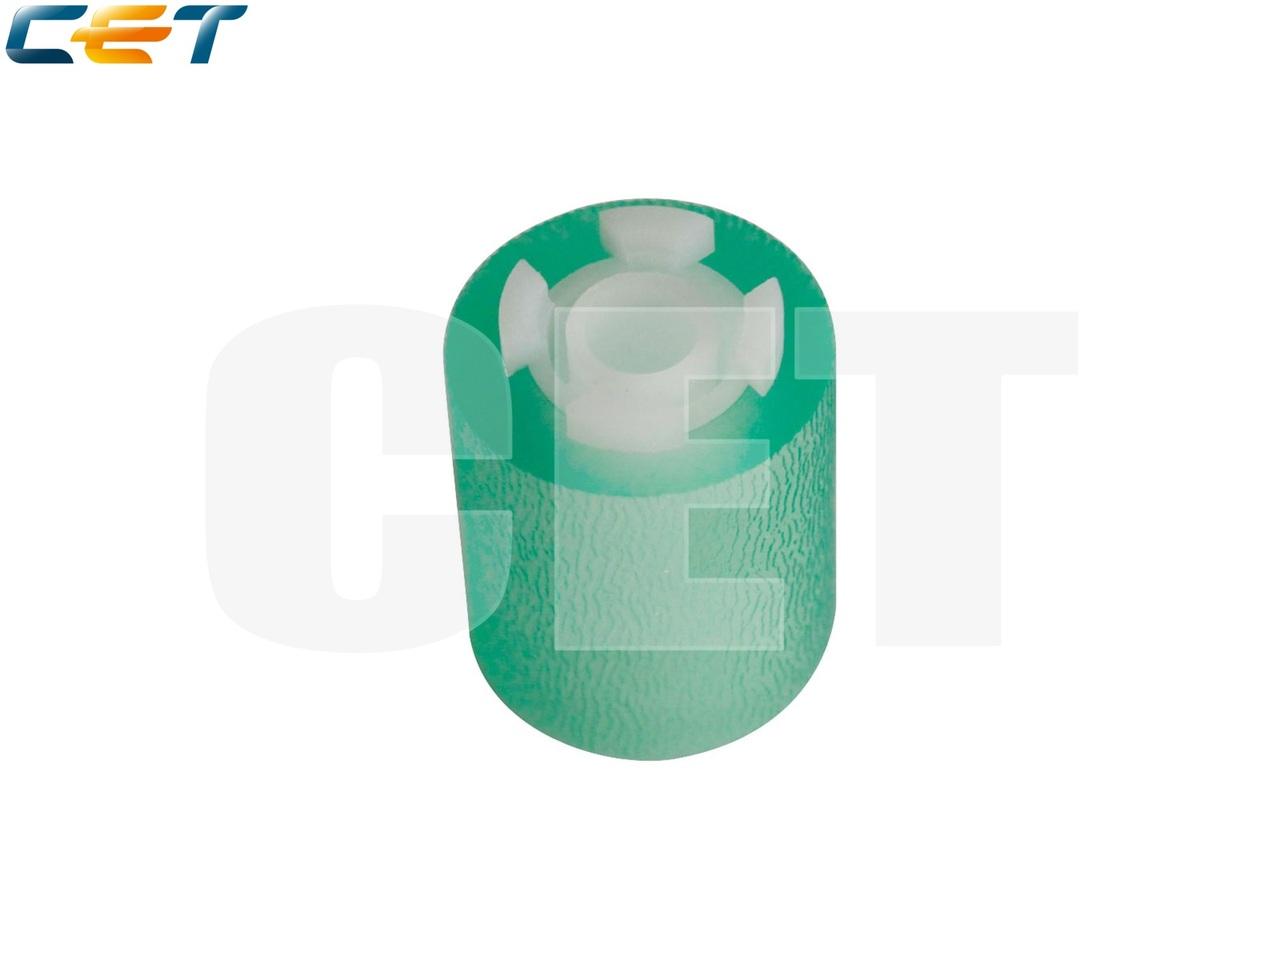 Ролик отделения AF03-2090 для RICOH Aficio 3035/3045 (CET),CET6025N